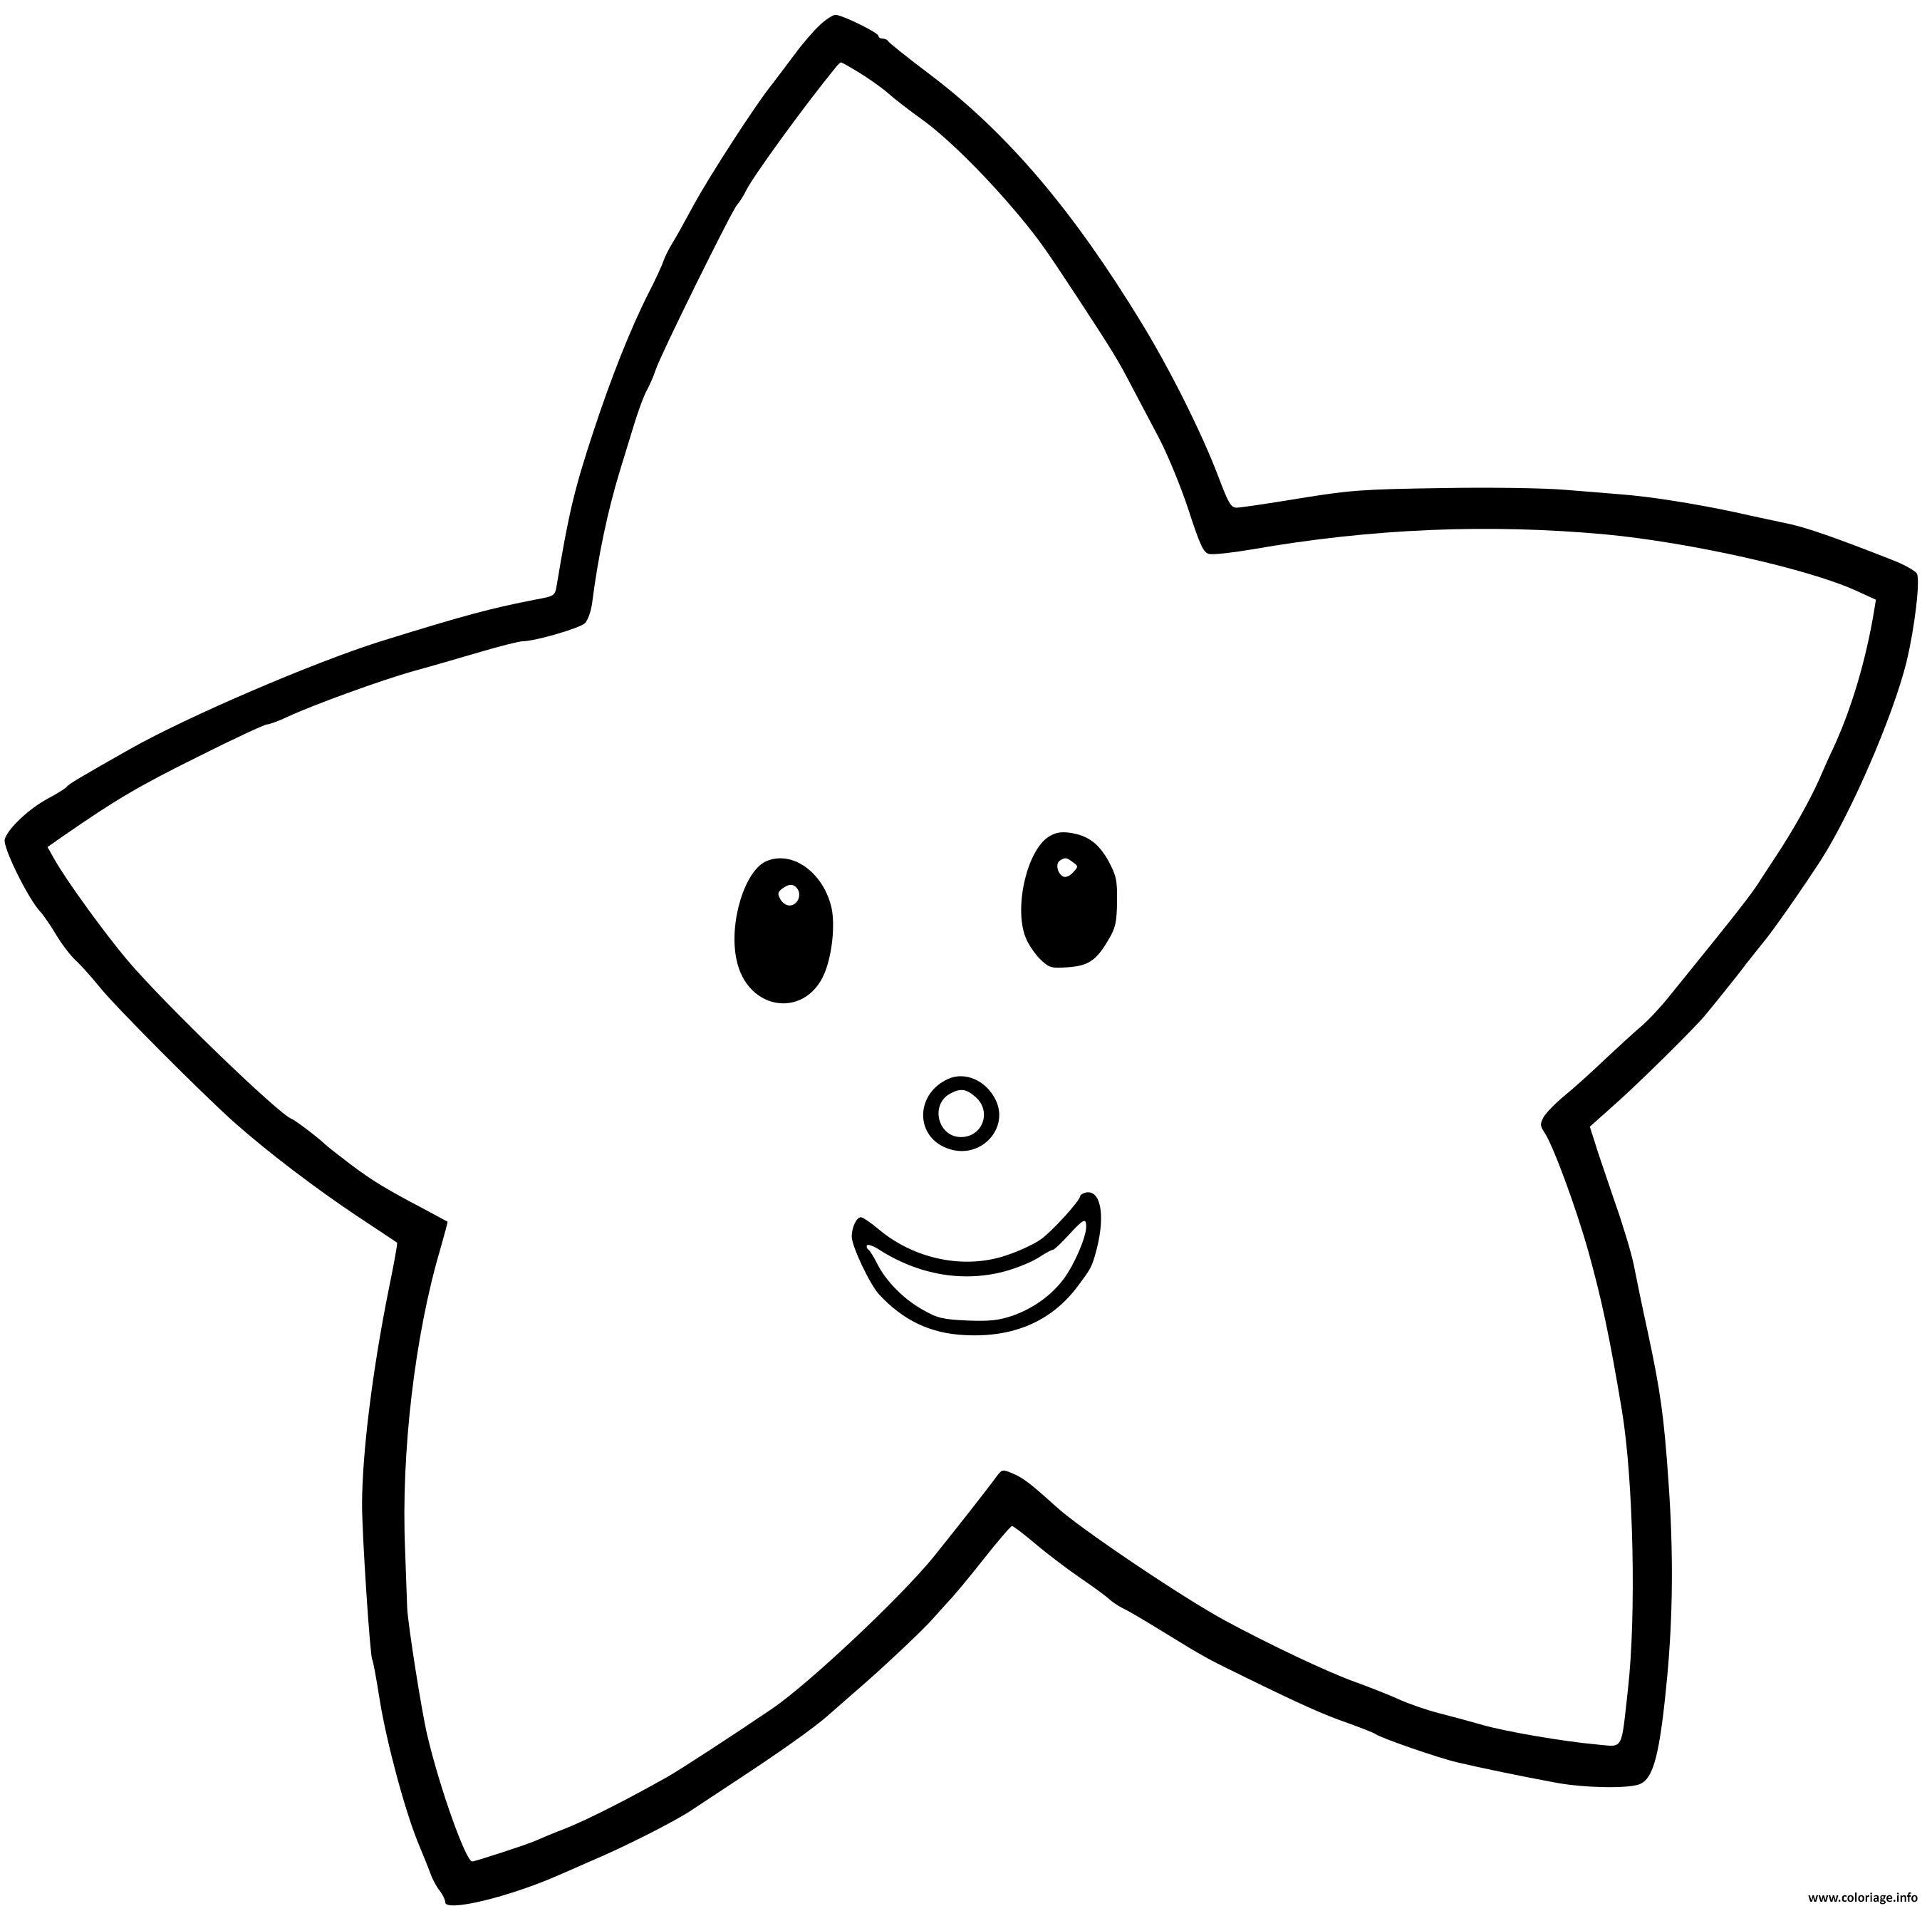 Dessin etoile pour enfant Coloriage Gratuit à Imprimer